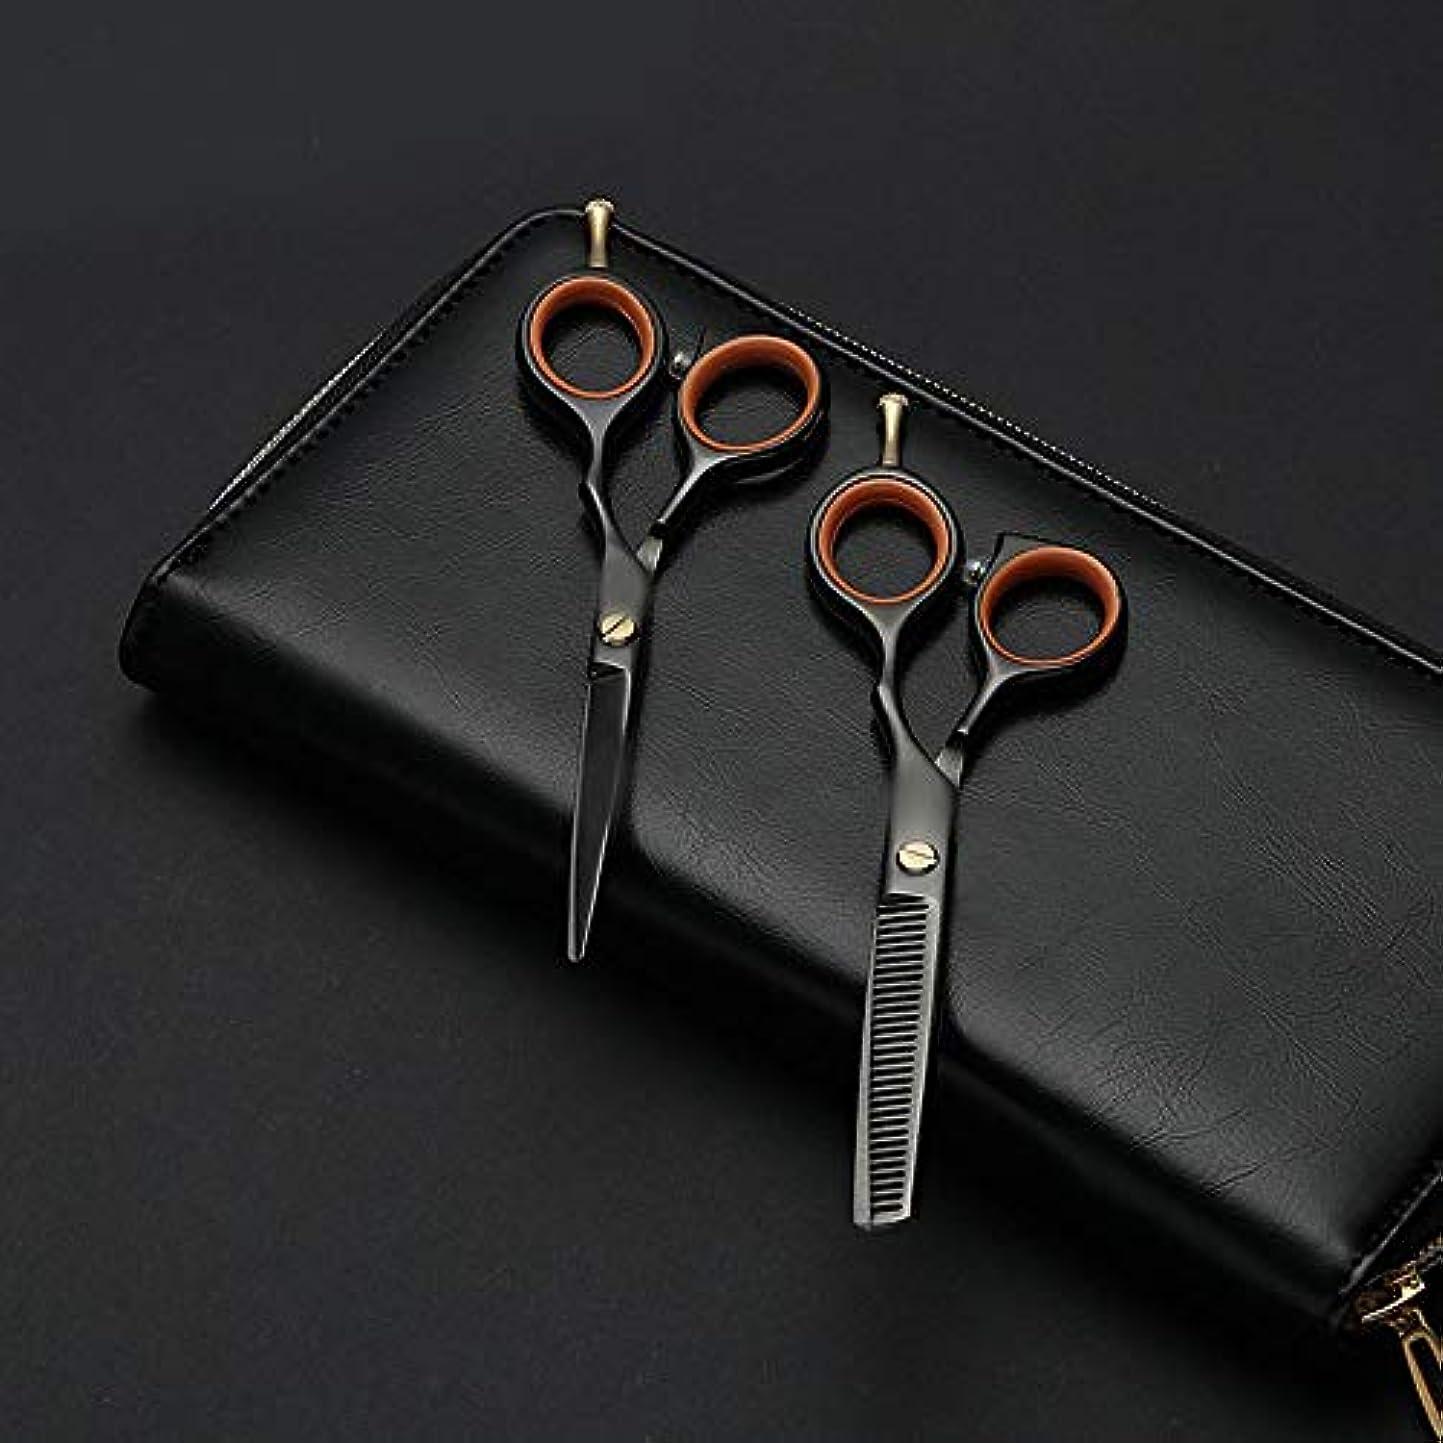 ごみミリメートル楽しませるHairdressing 5.5インチの専門の理髪はさみ、美容院の組合せセット理髪はさみ毛の切断はさみステンレス理髪はさみ (色 : 黒)